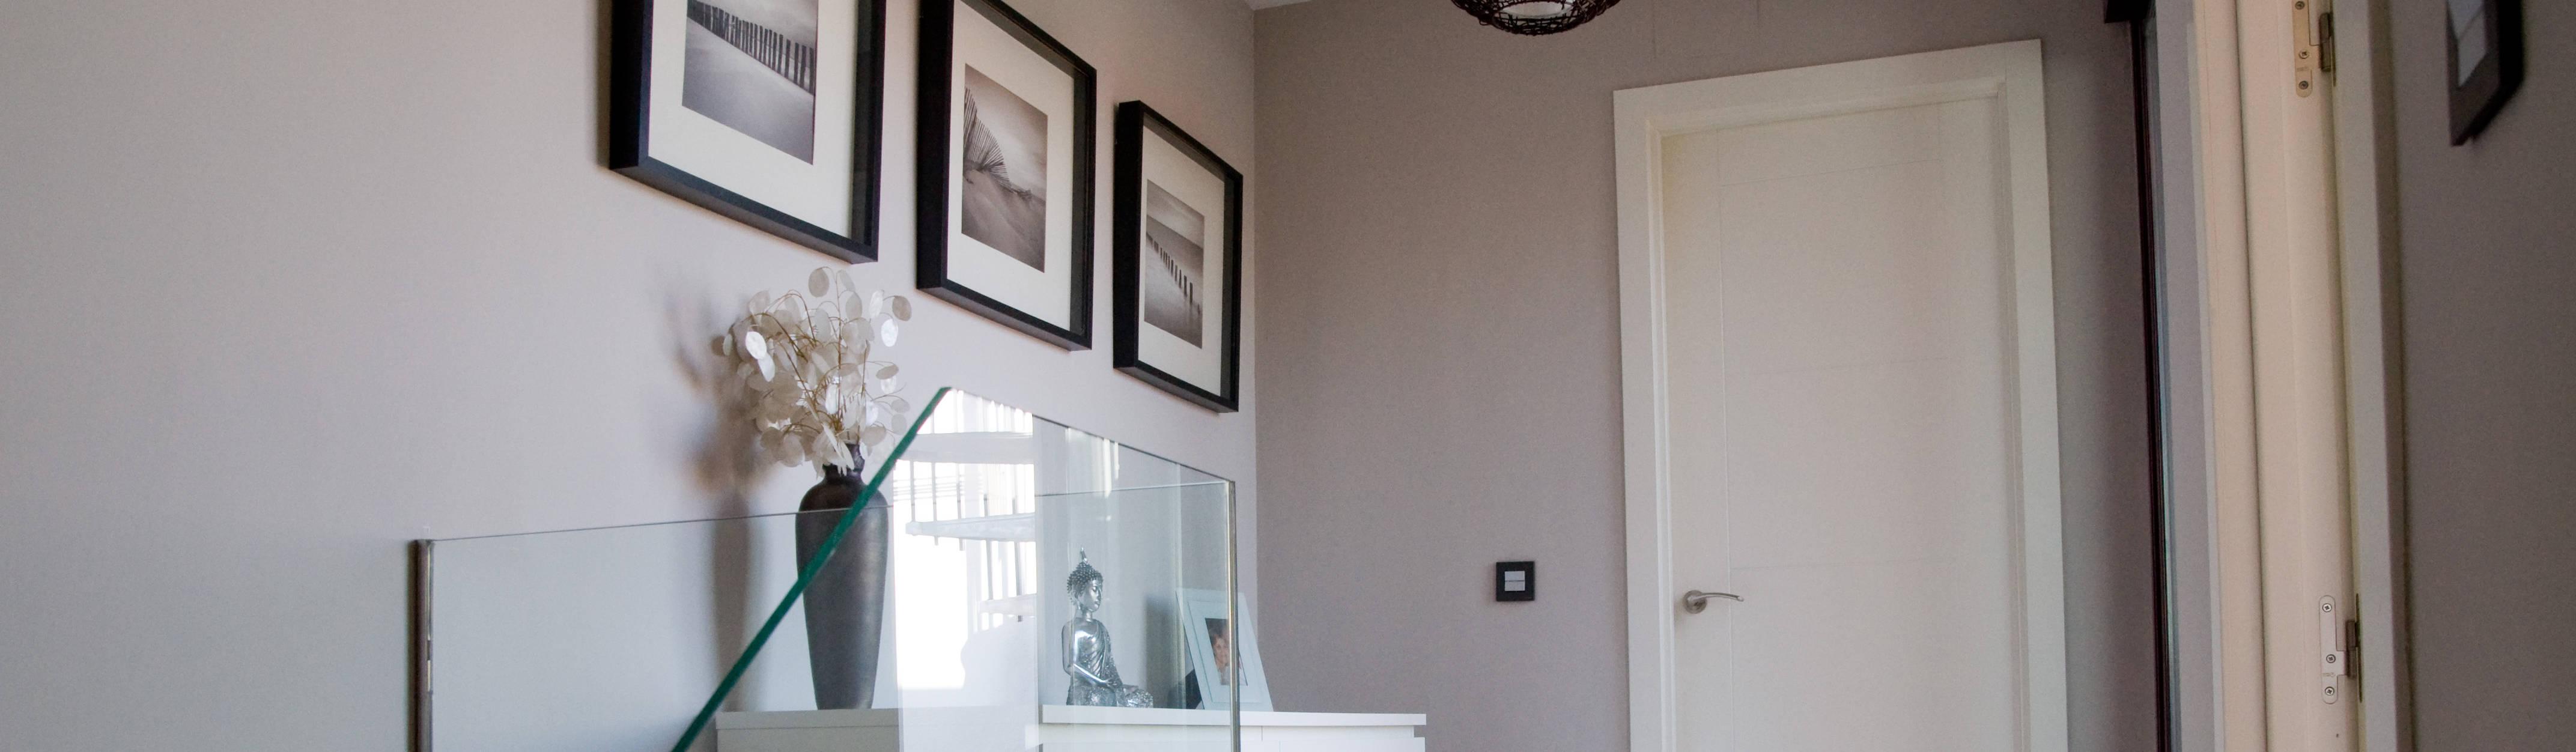 Irene corralo decoradores y dise adores de interiores en - Decoradores de interiores en madrid ...